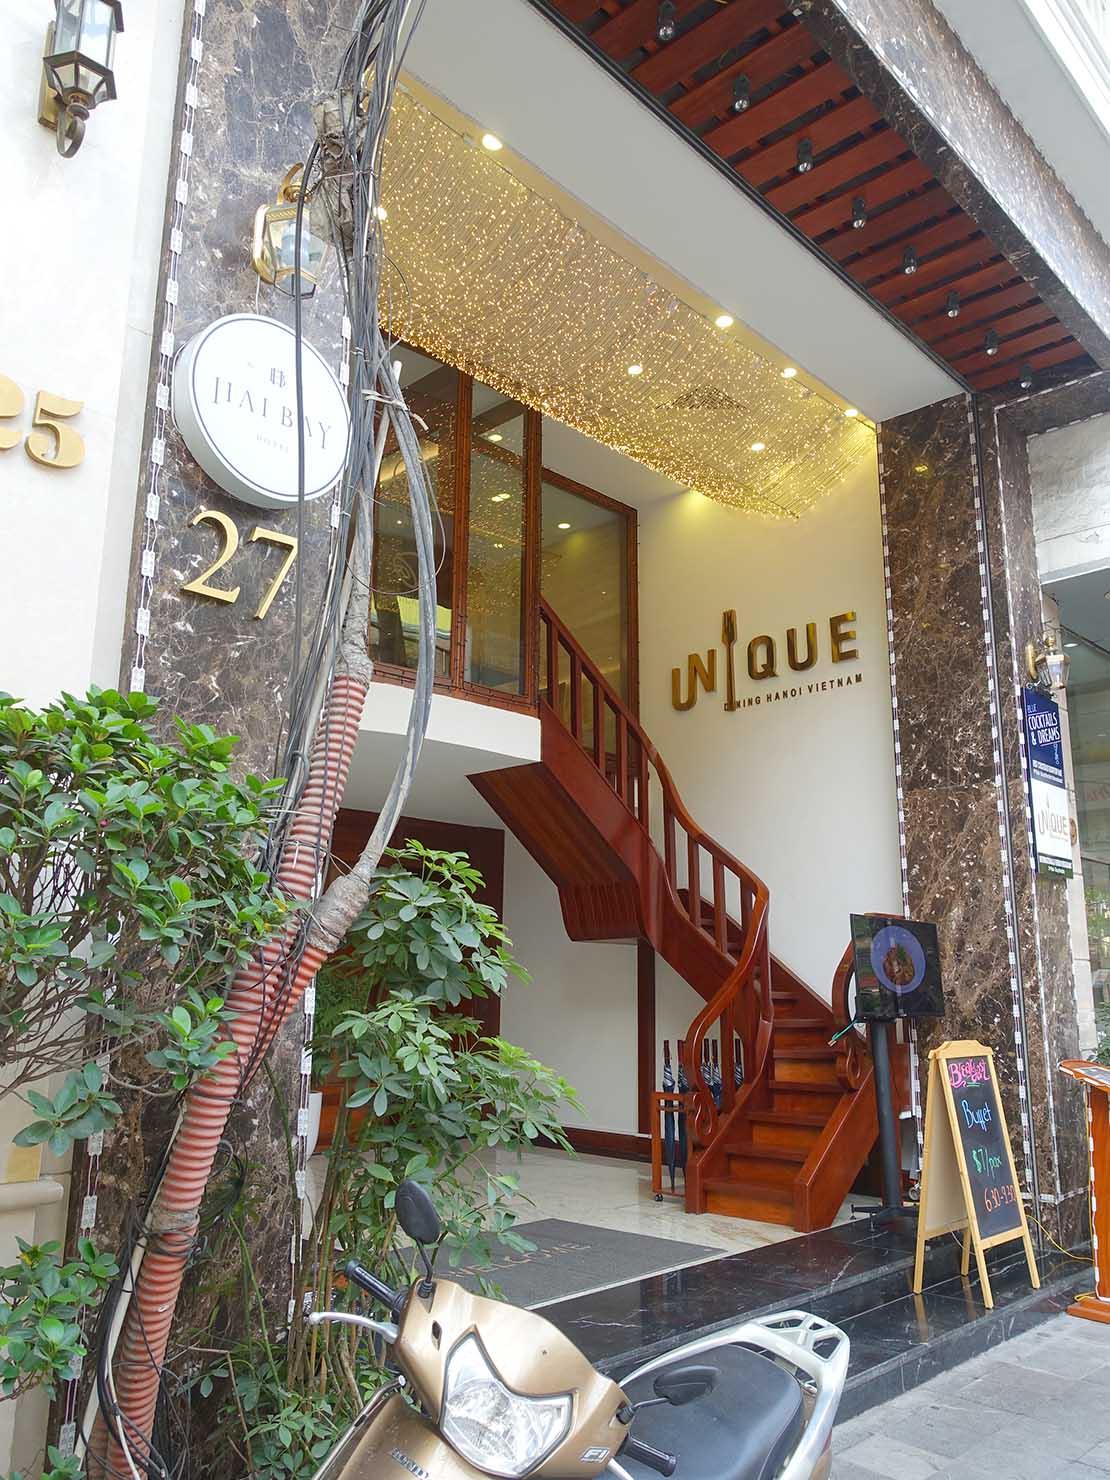 ハノイ旧市街ど真ん中の観光に便利なおすすめホテル「Hai Bay Hotel」の外観